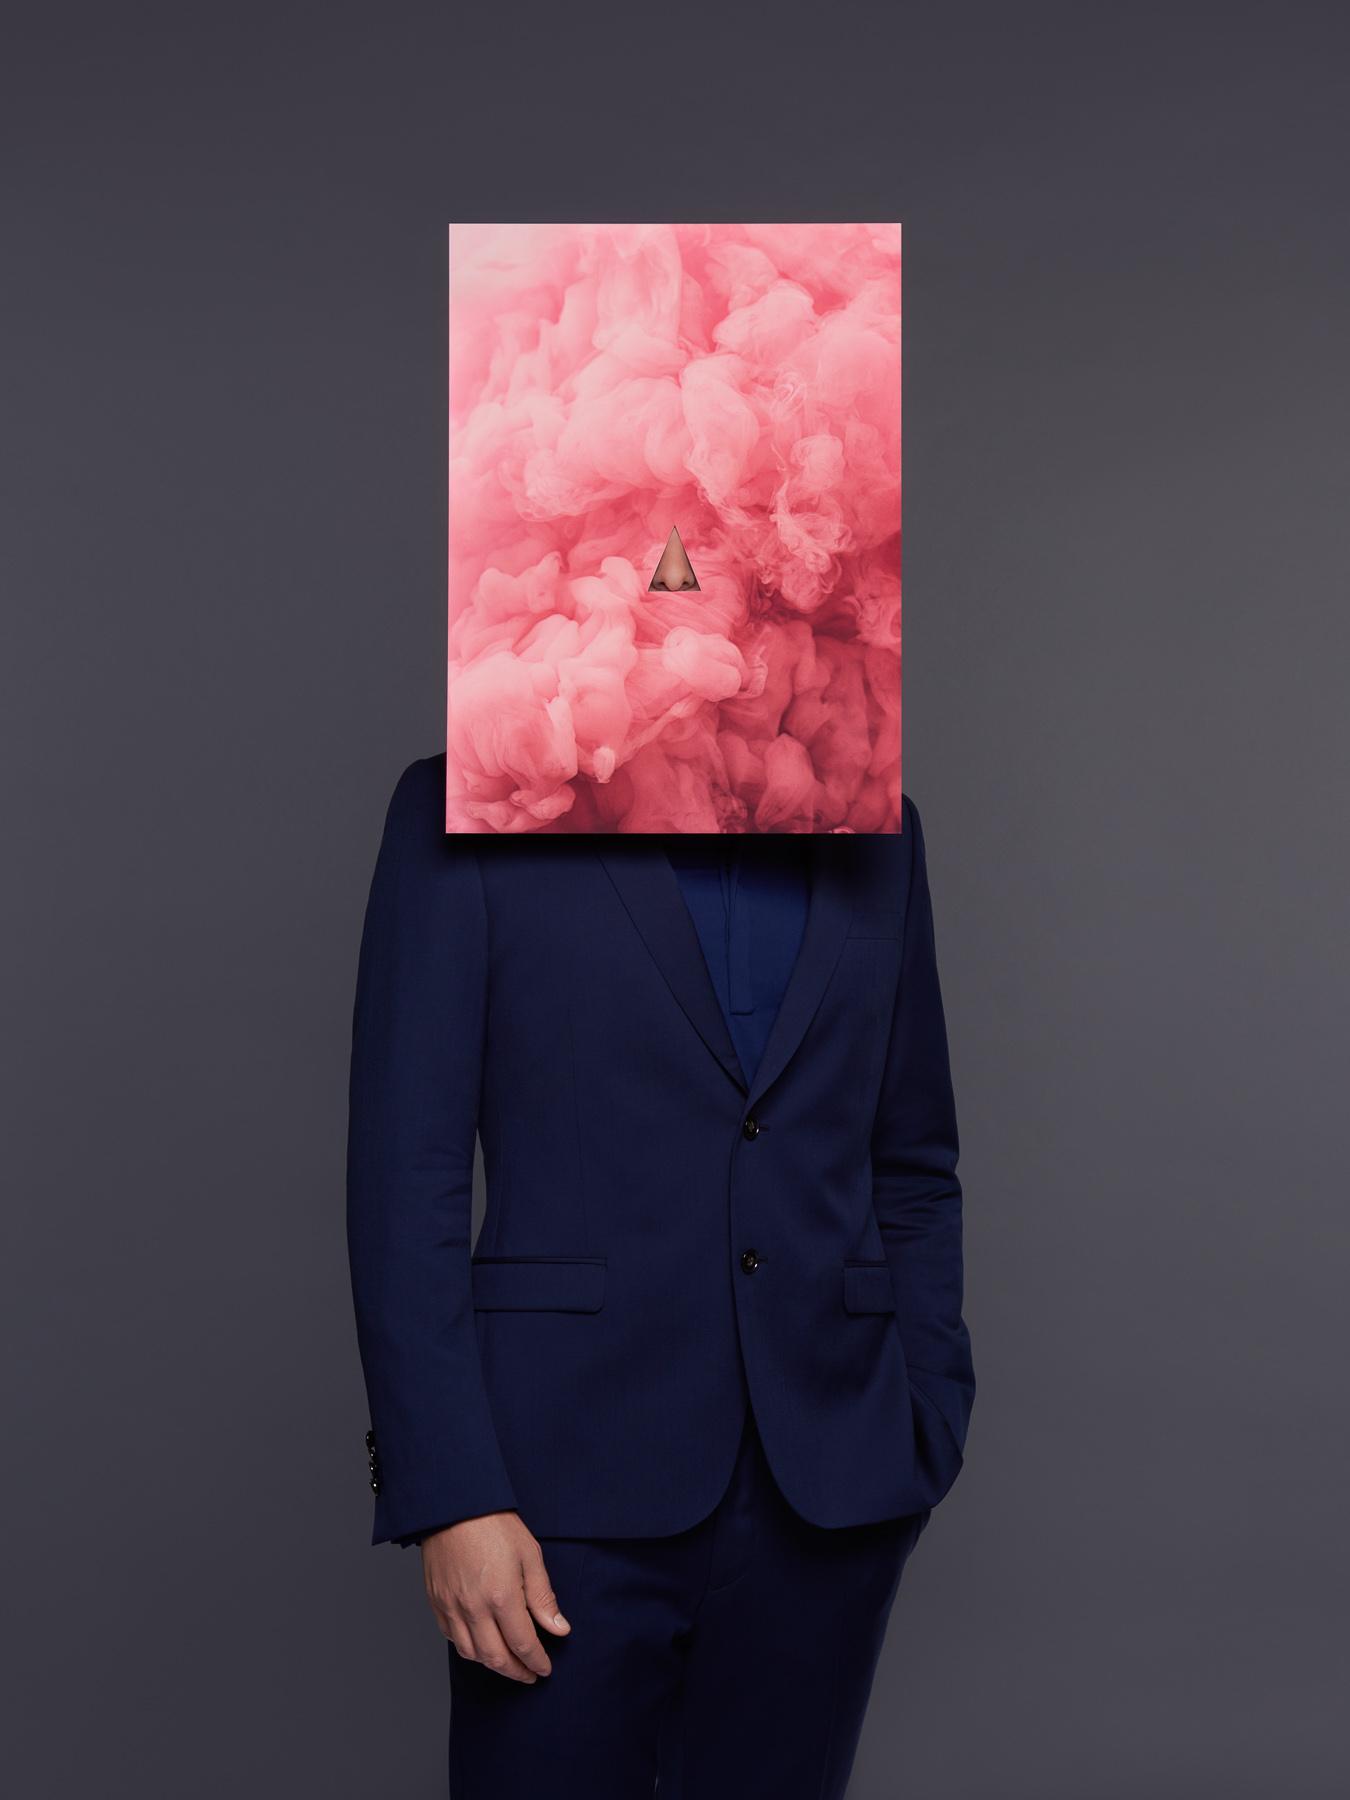 Isabelle_Chapuis-Alexis_Pichot-Grand_Musee_du_Parfum-5